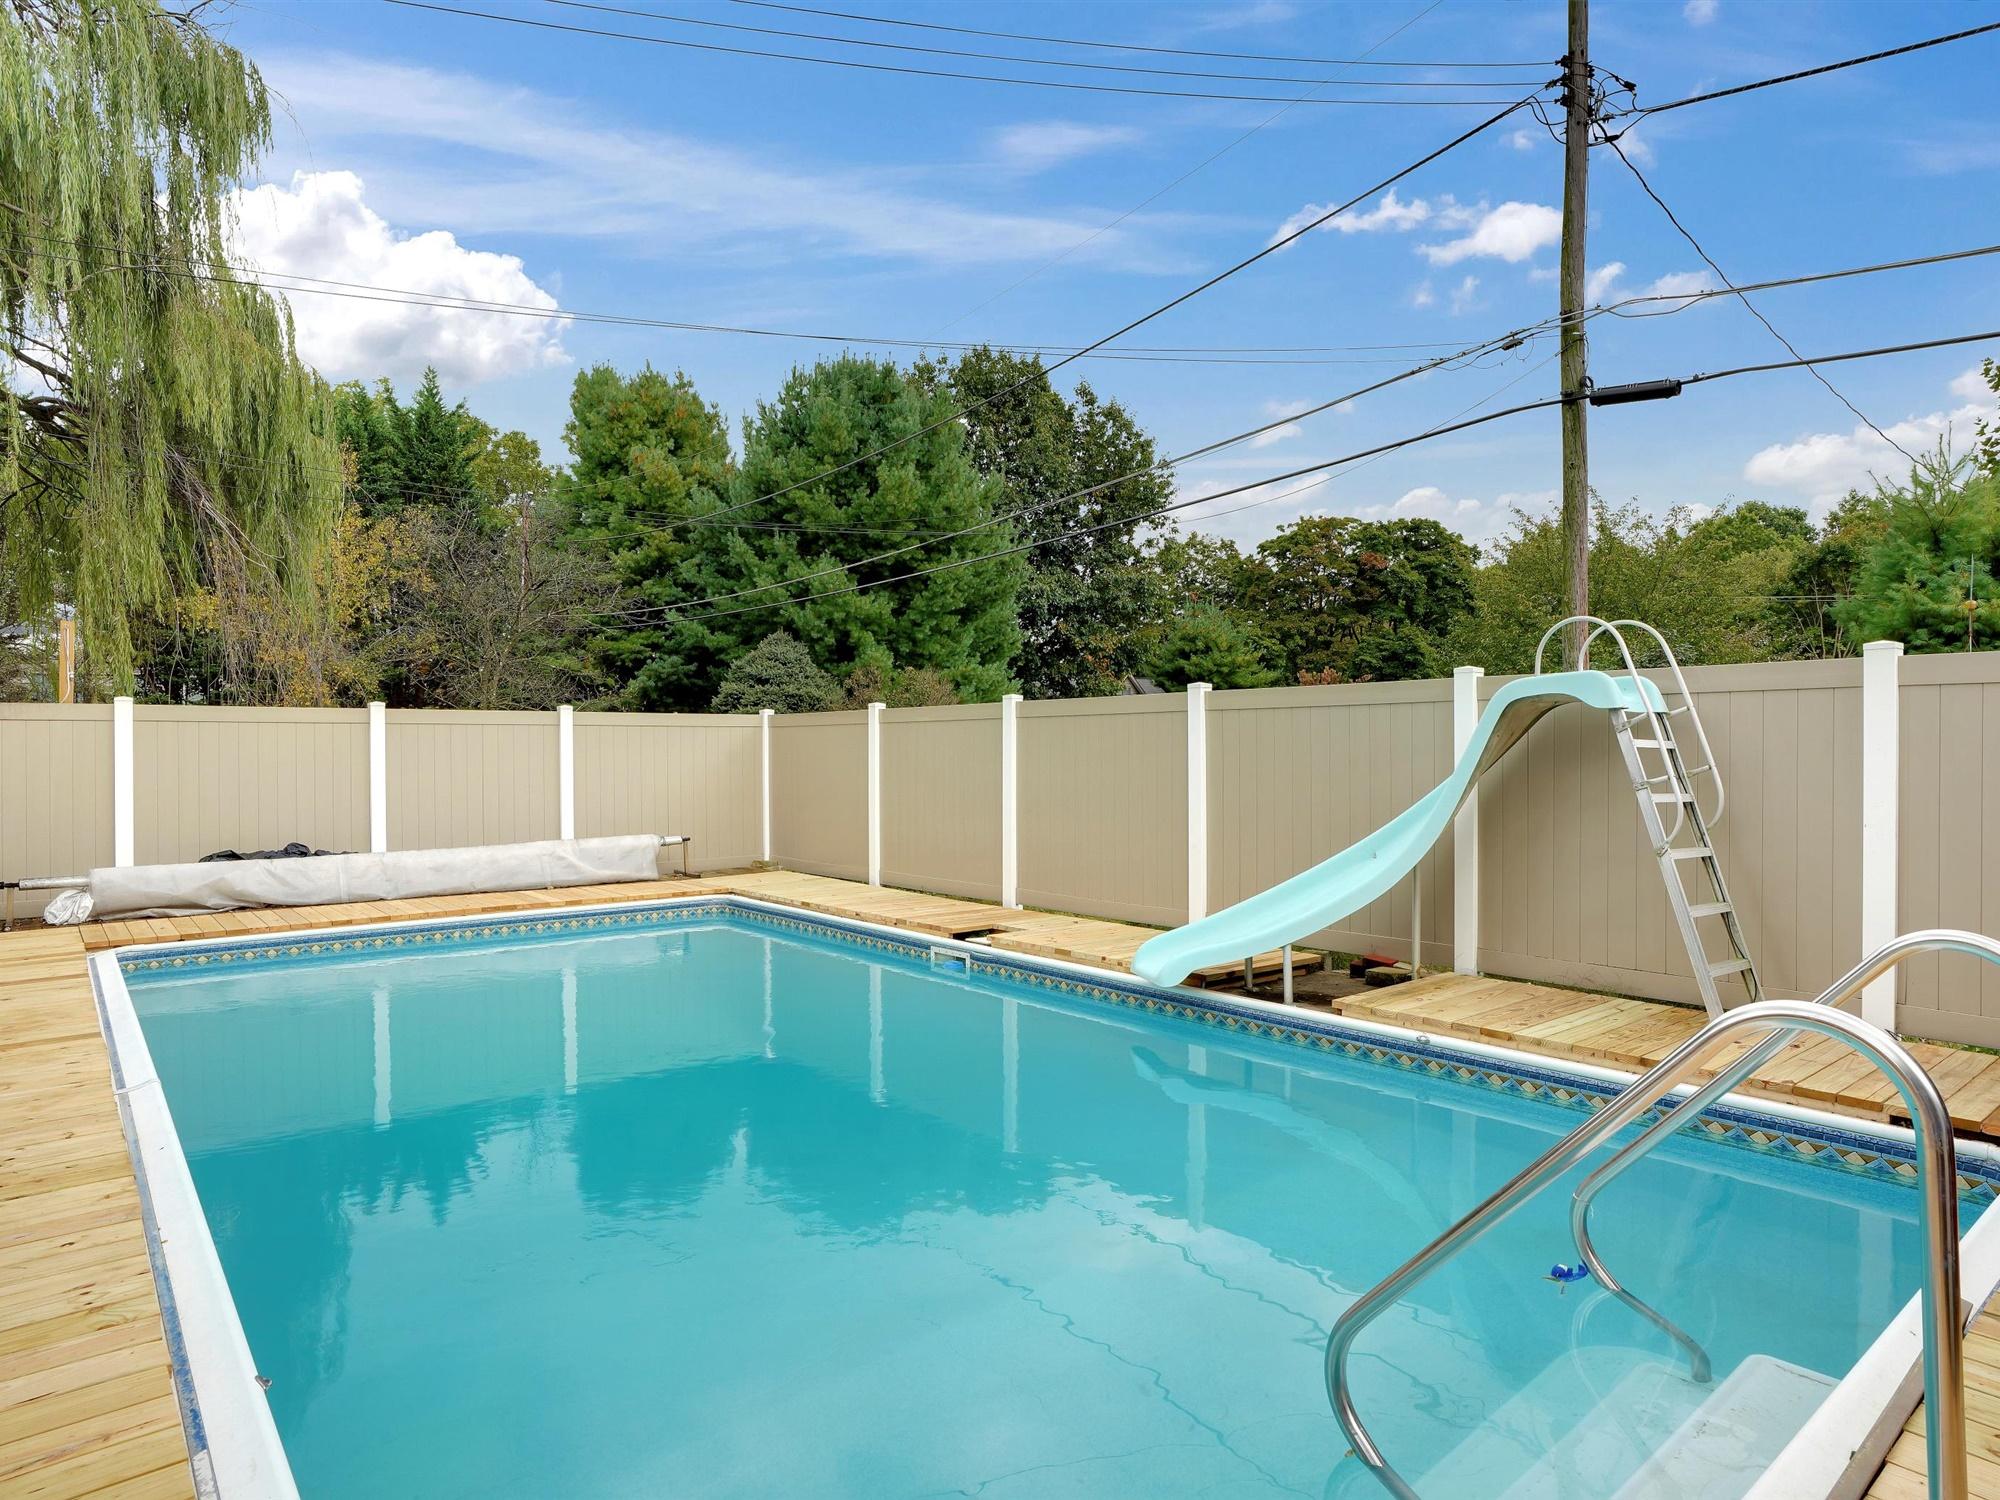 2022 Kline St - pool